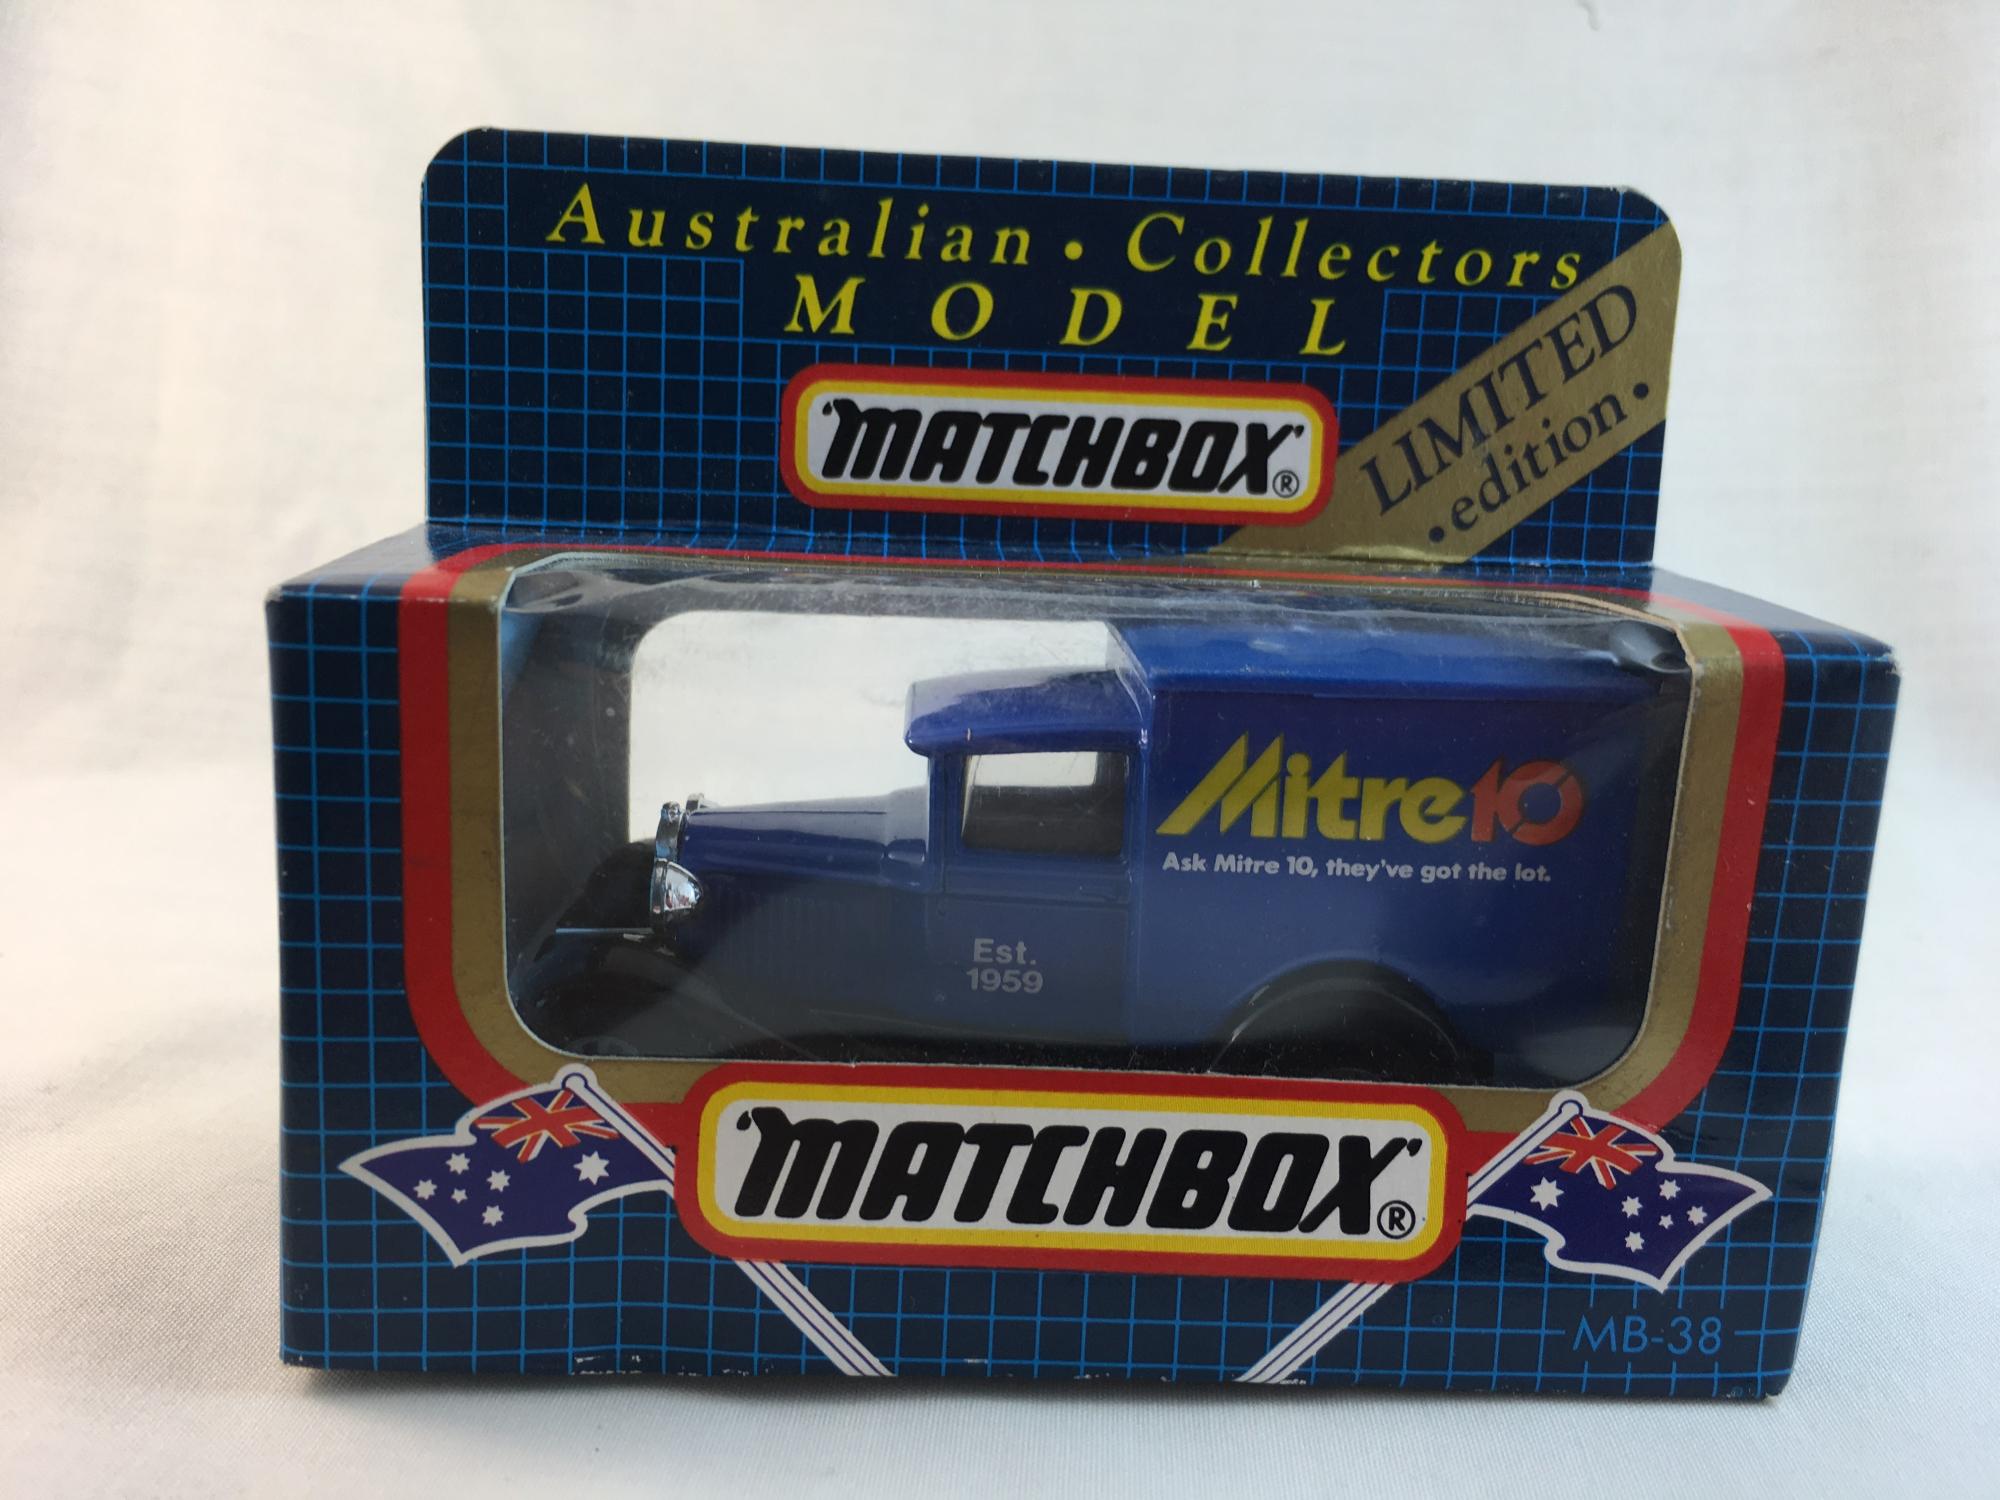 Matchbox-Australian Collectors Model-Mitre 10